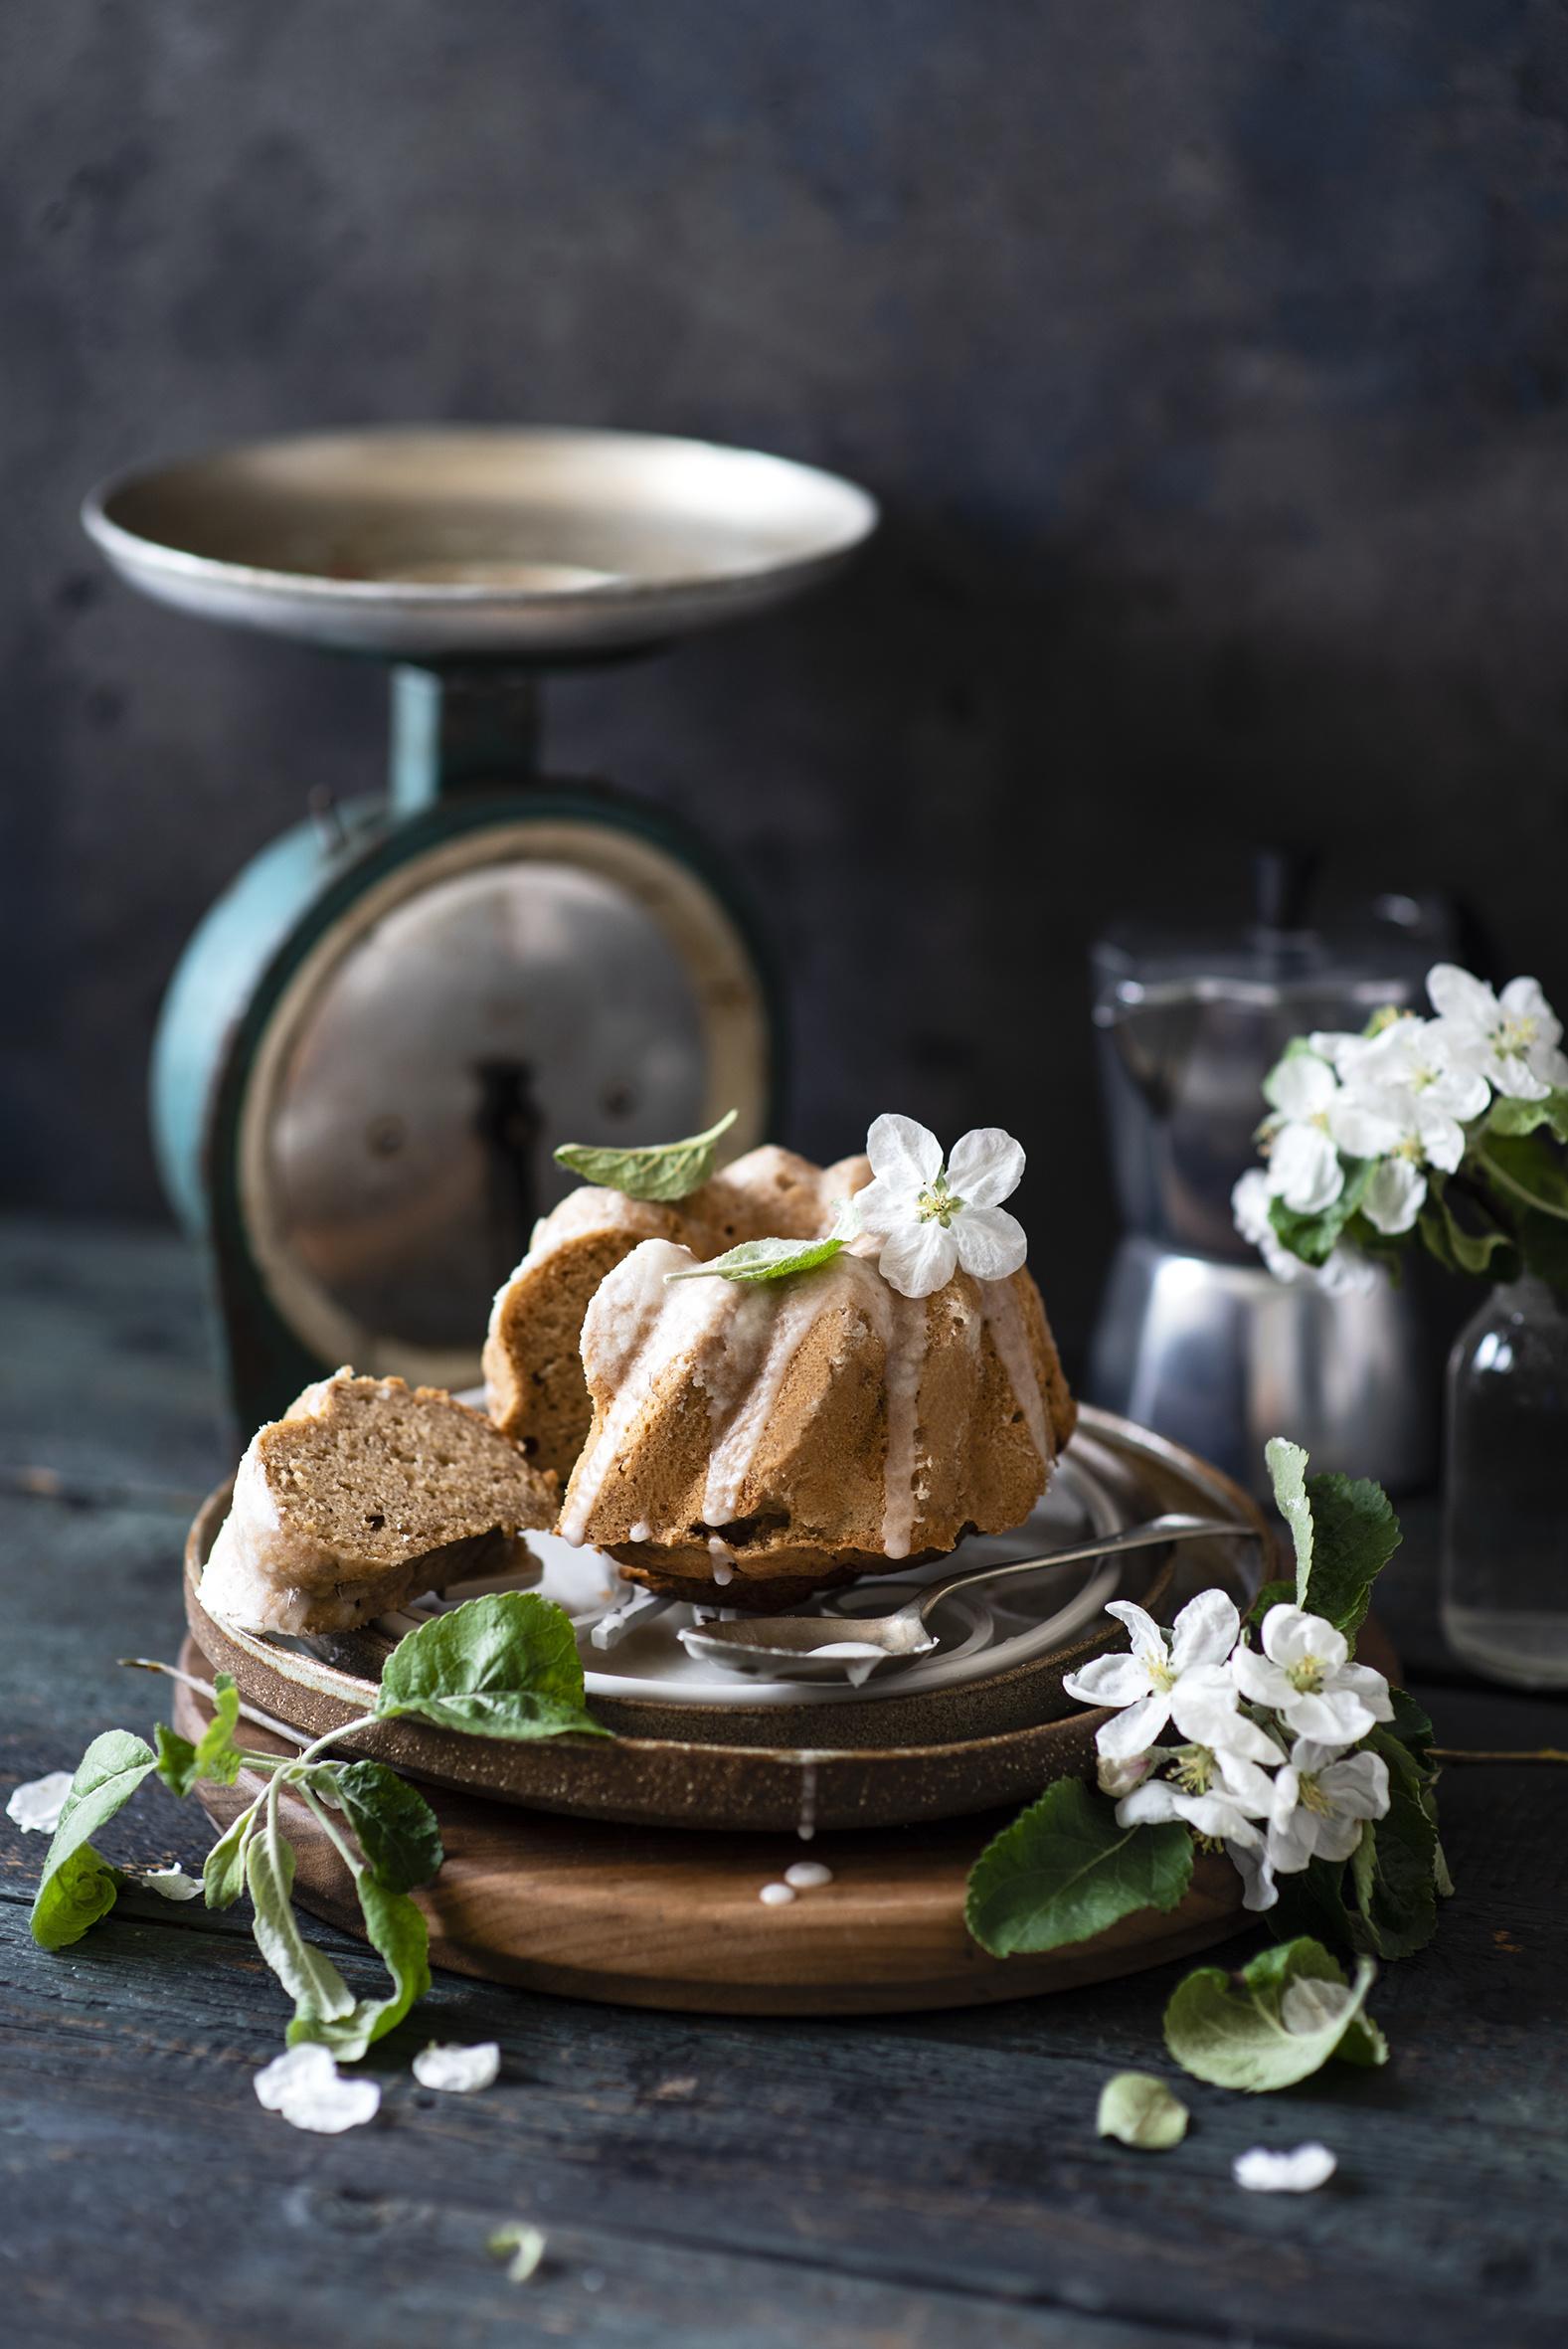 Картинки Кекс Сахарная глазурь Продукты питания Натюрморт  для мобильного телефона Еда Пища